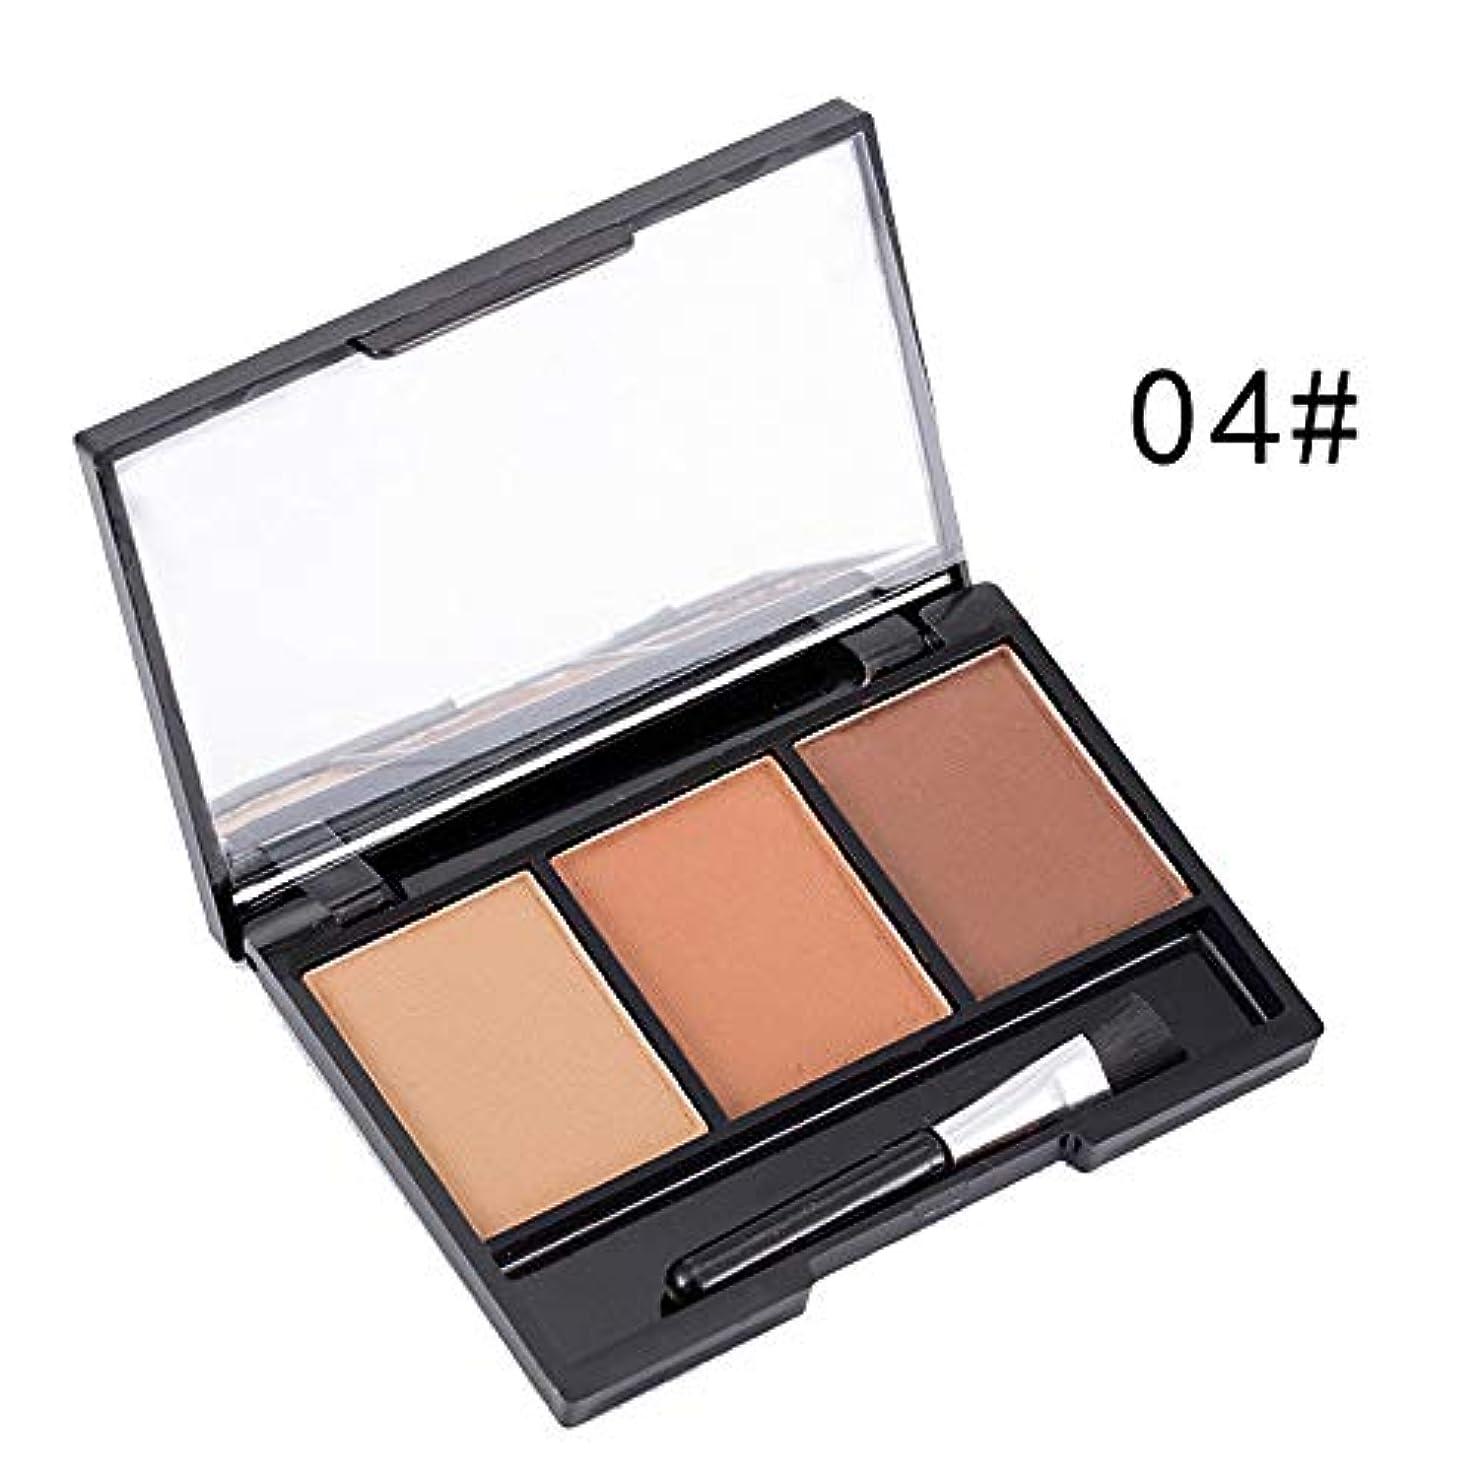 はちみつ養う仮定Akane パウダーアイブロウパレット SR MAKE UP 綺麗 人気 ファッション 魅力的 眉 自然 パウダーアイブロウ ぼかしない チャーム 防水 長持ち おしゃれ 持ち便利 Eye Shadow (3色) ES021